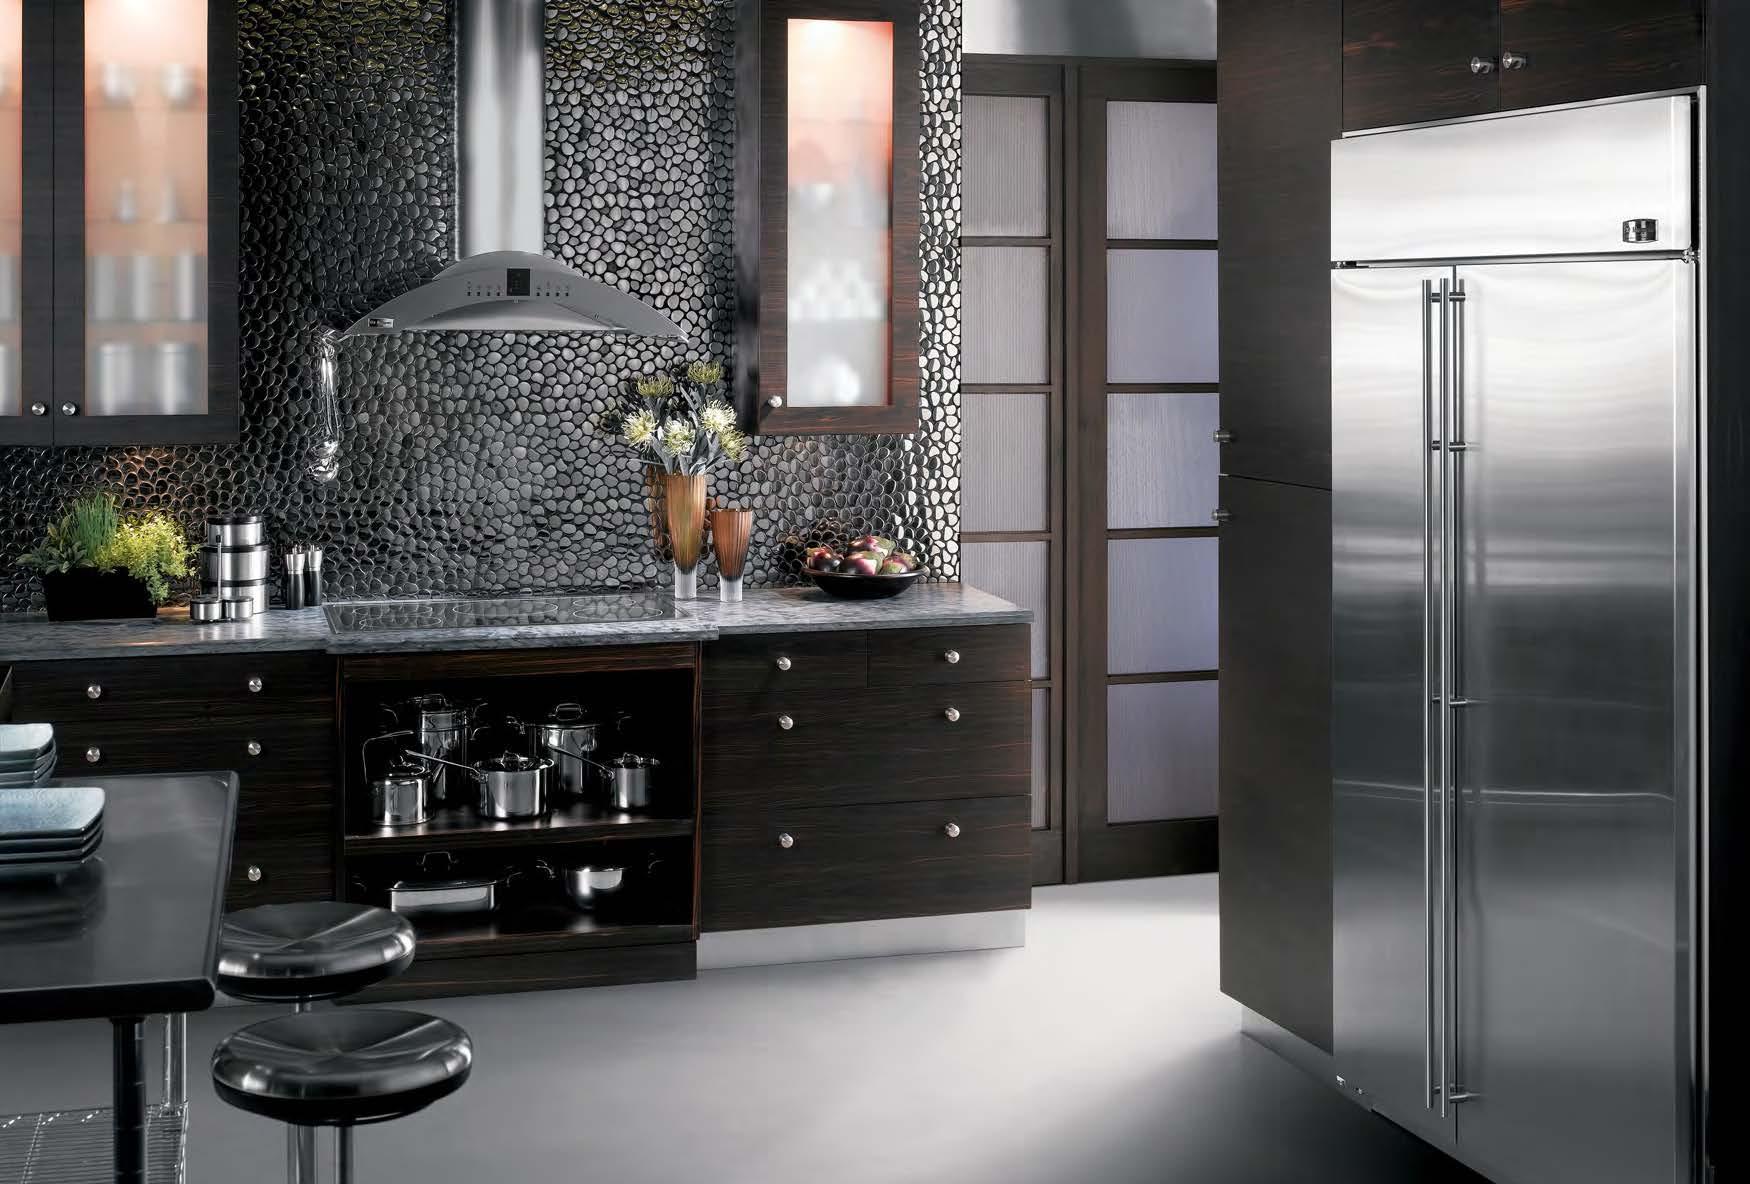 Холодильник на кухне в минималистичном стиле